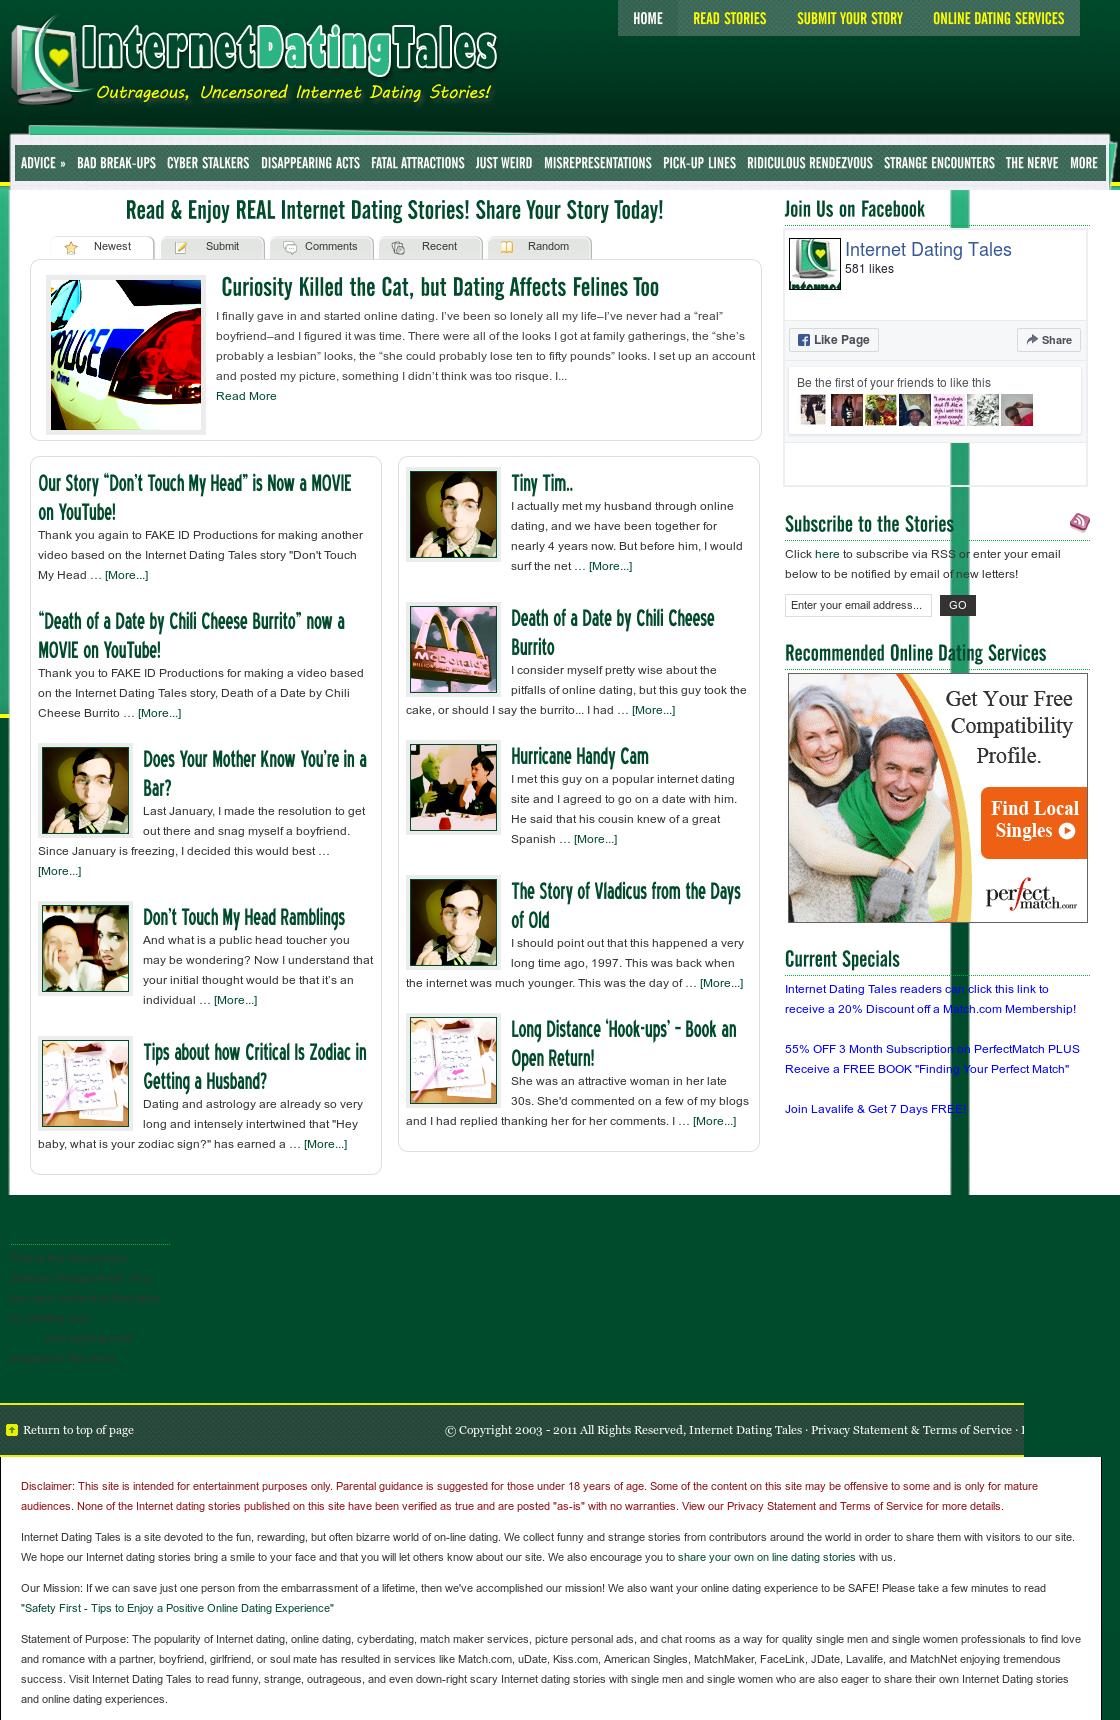 gratis ægteskab match making site